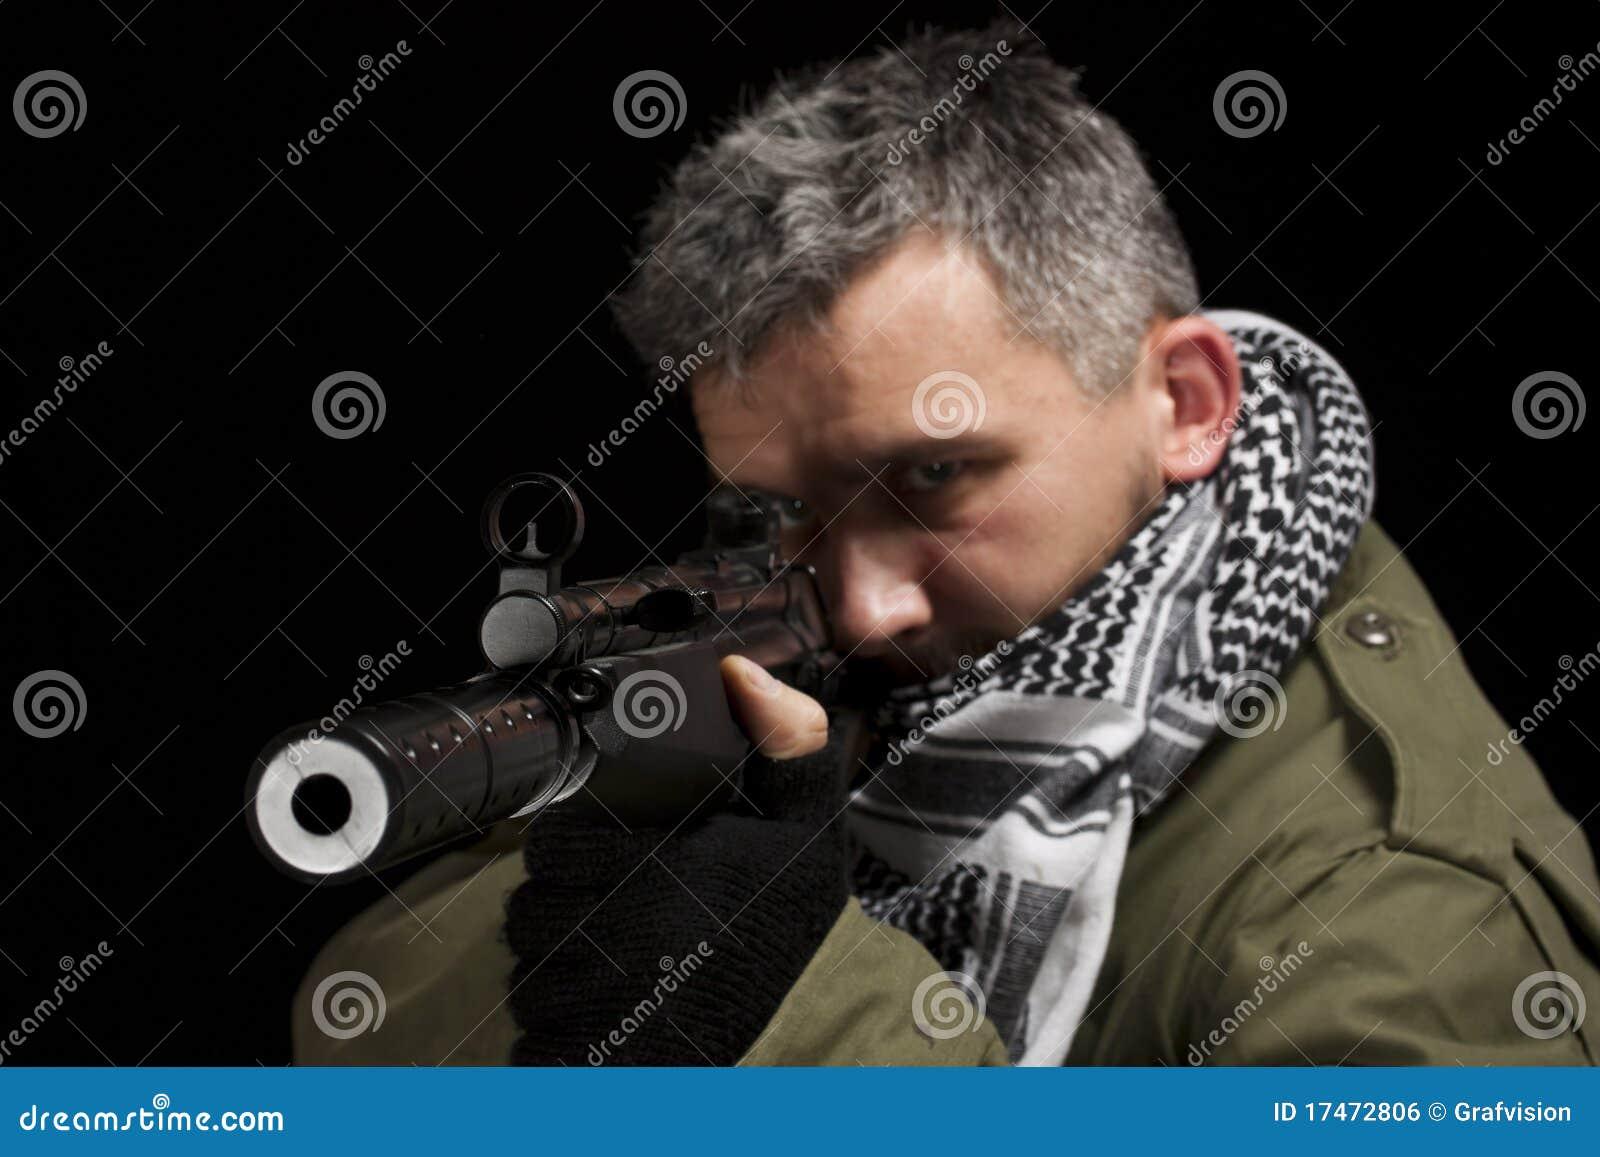 Terrorist Whitgewehr